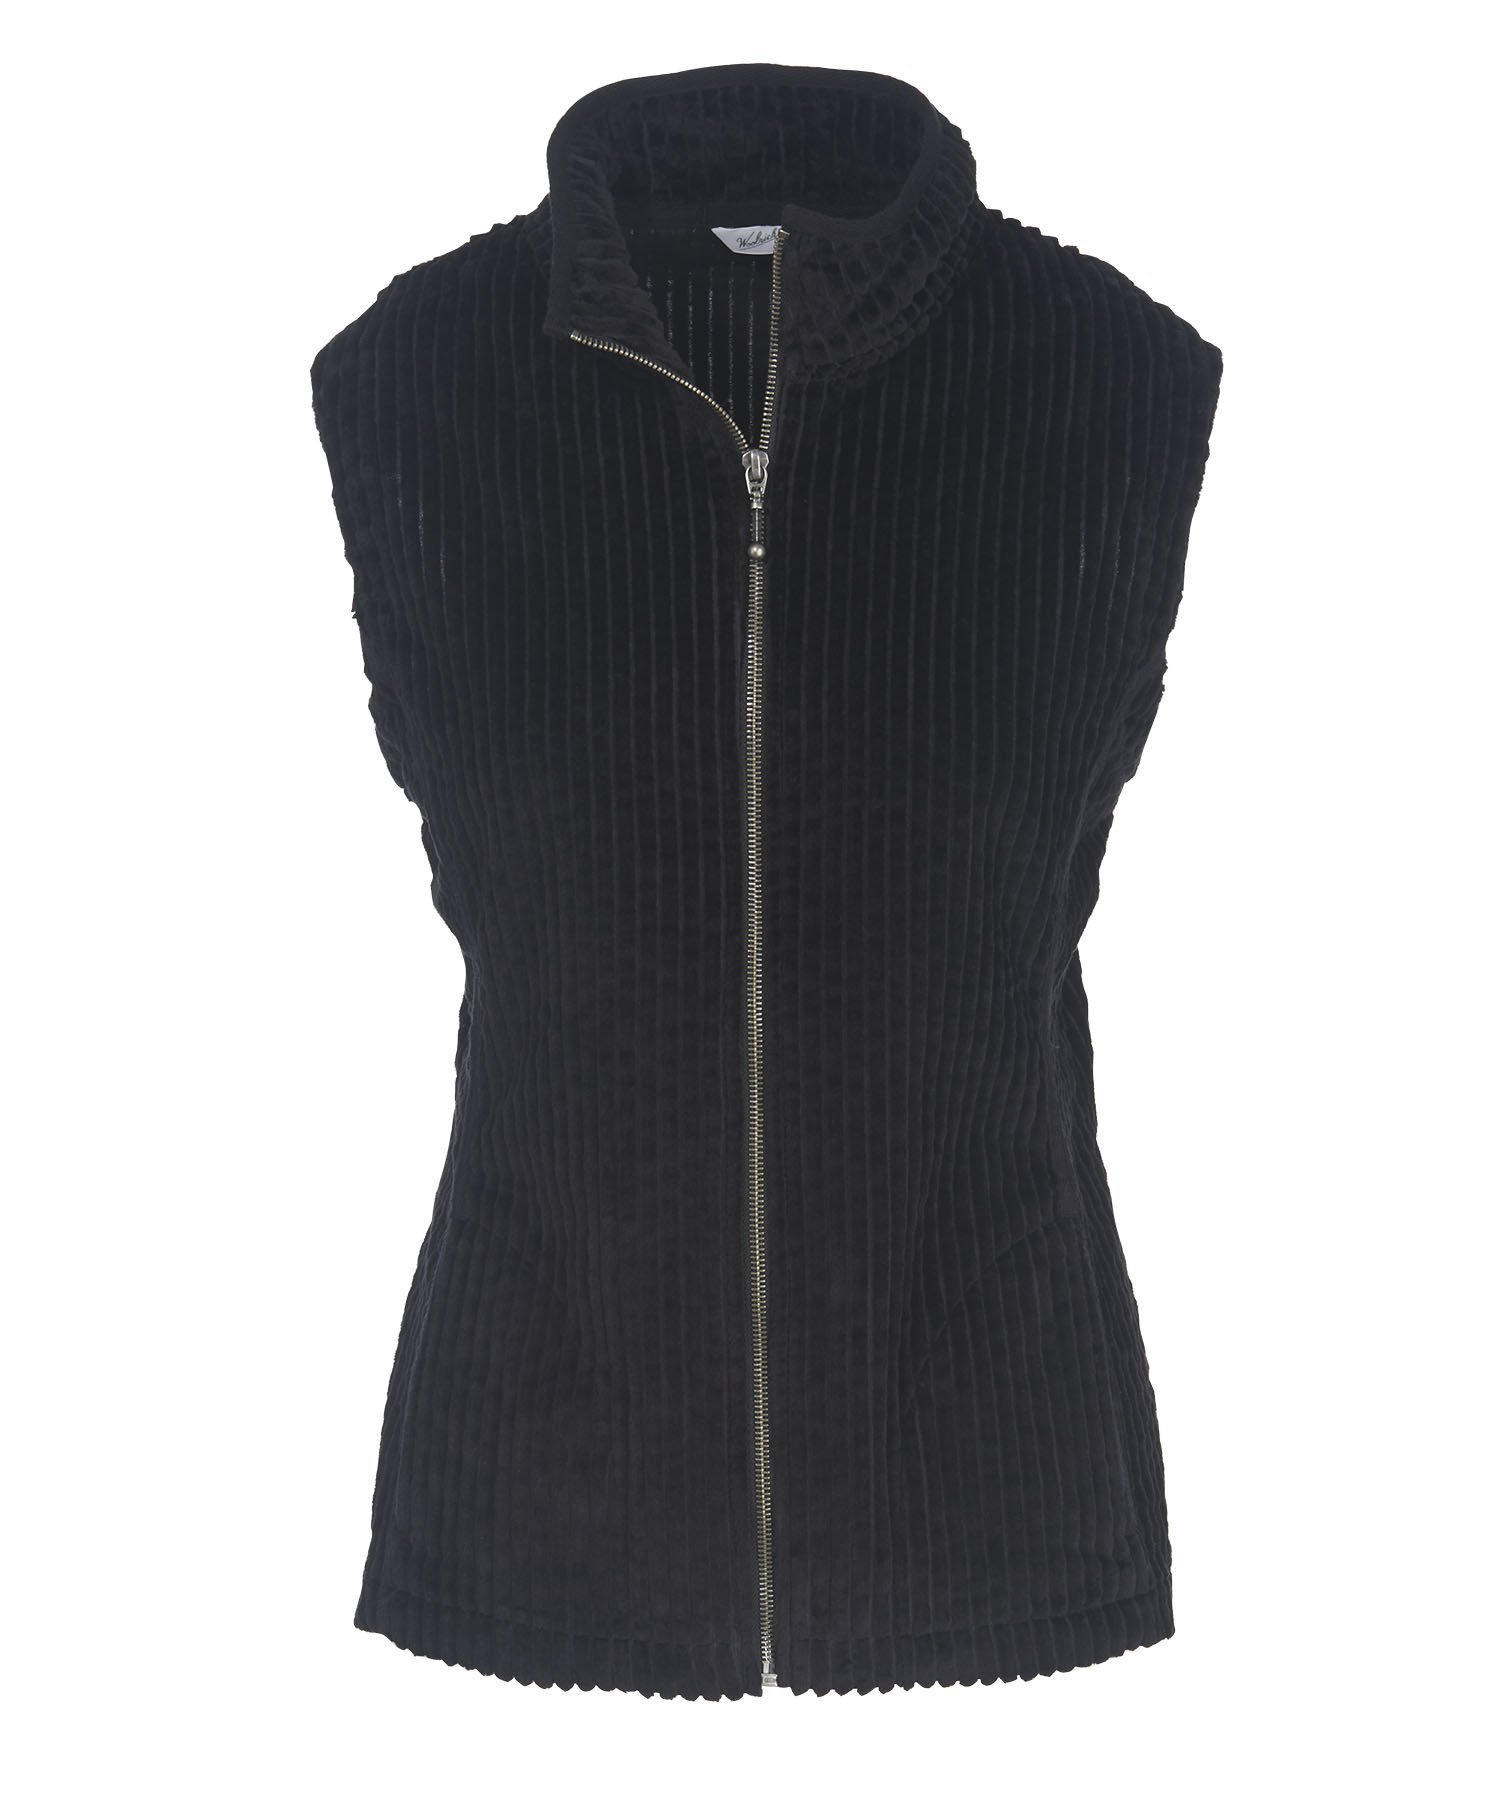 Woolrich Women's Kinsdale Corduroy Vest, Black, X-Small